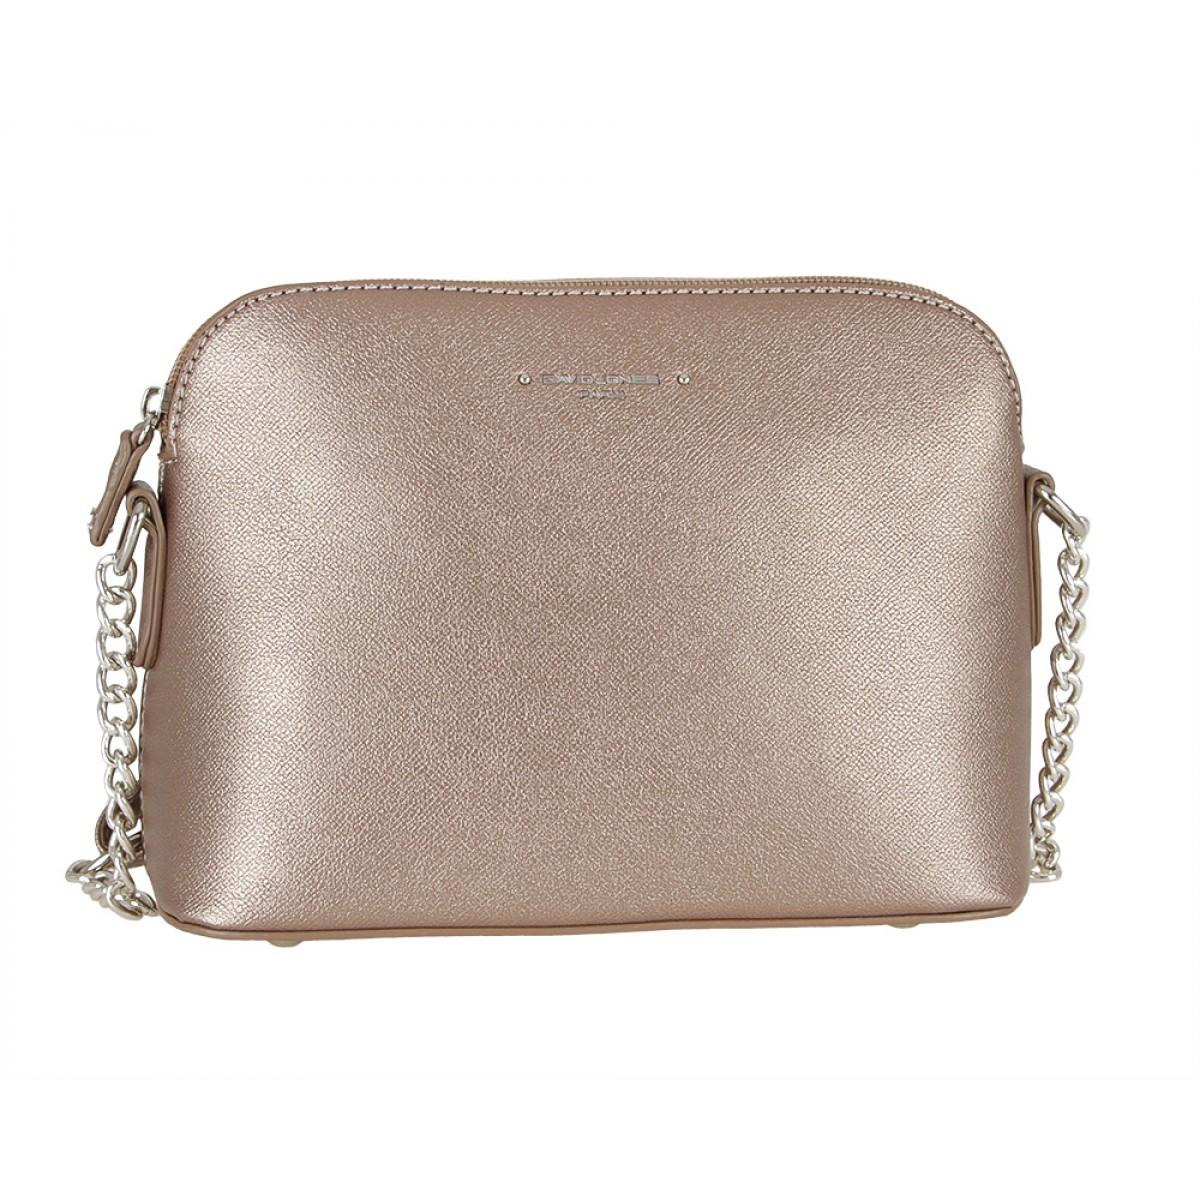 Жіноча сумка David Jones CM5396 ANCIENT GOLDEN